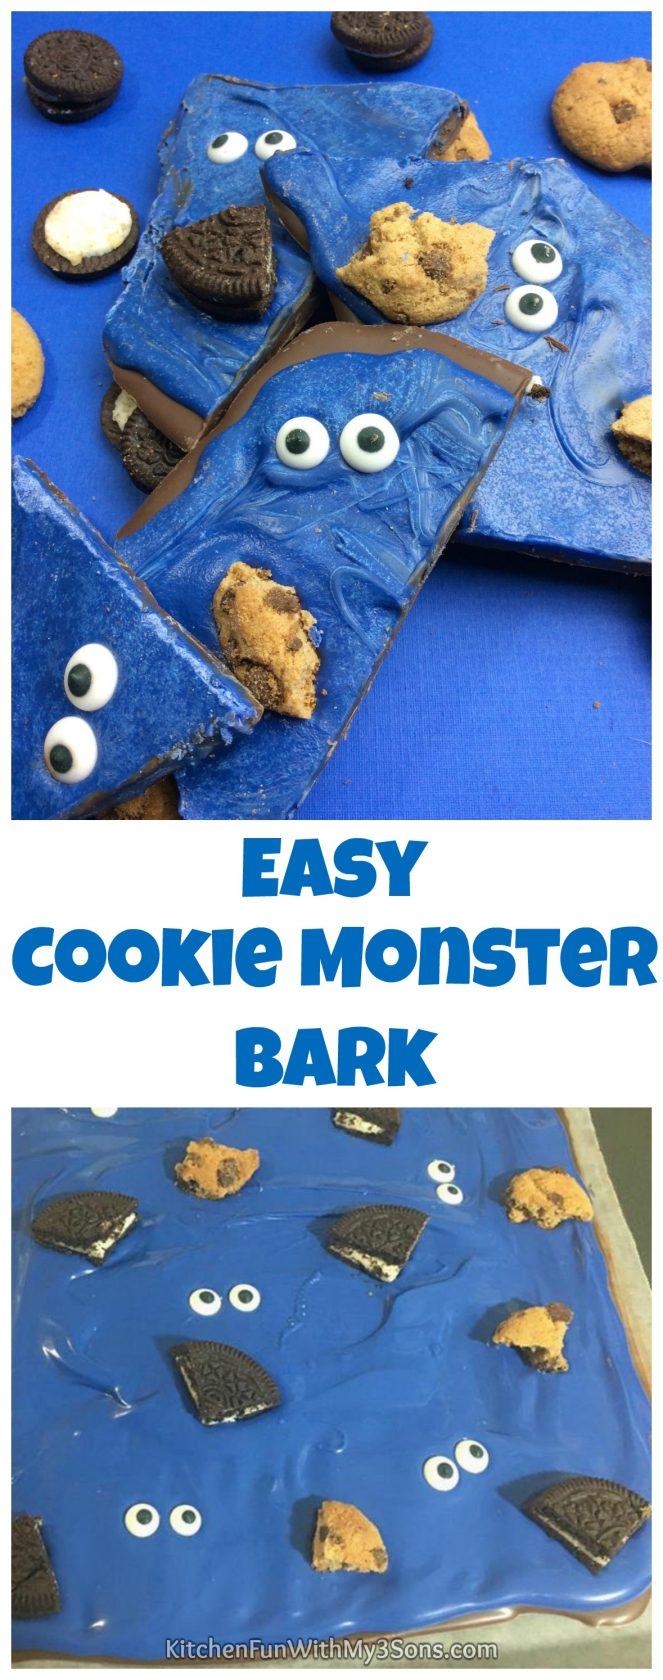 Easy Cookie Monster Bark